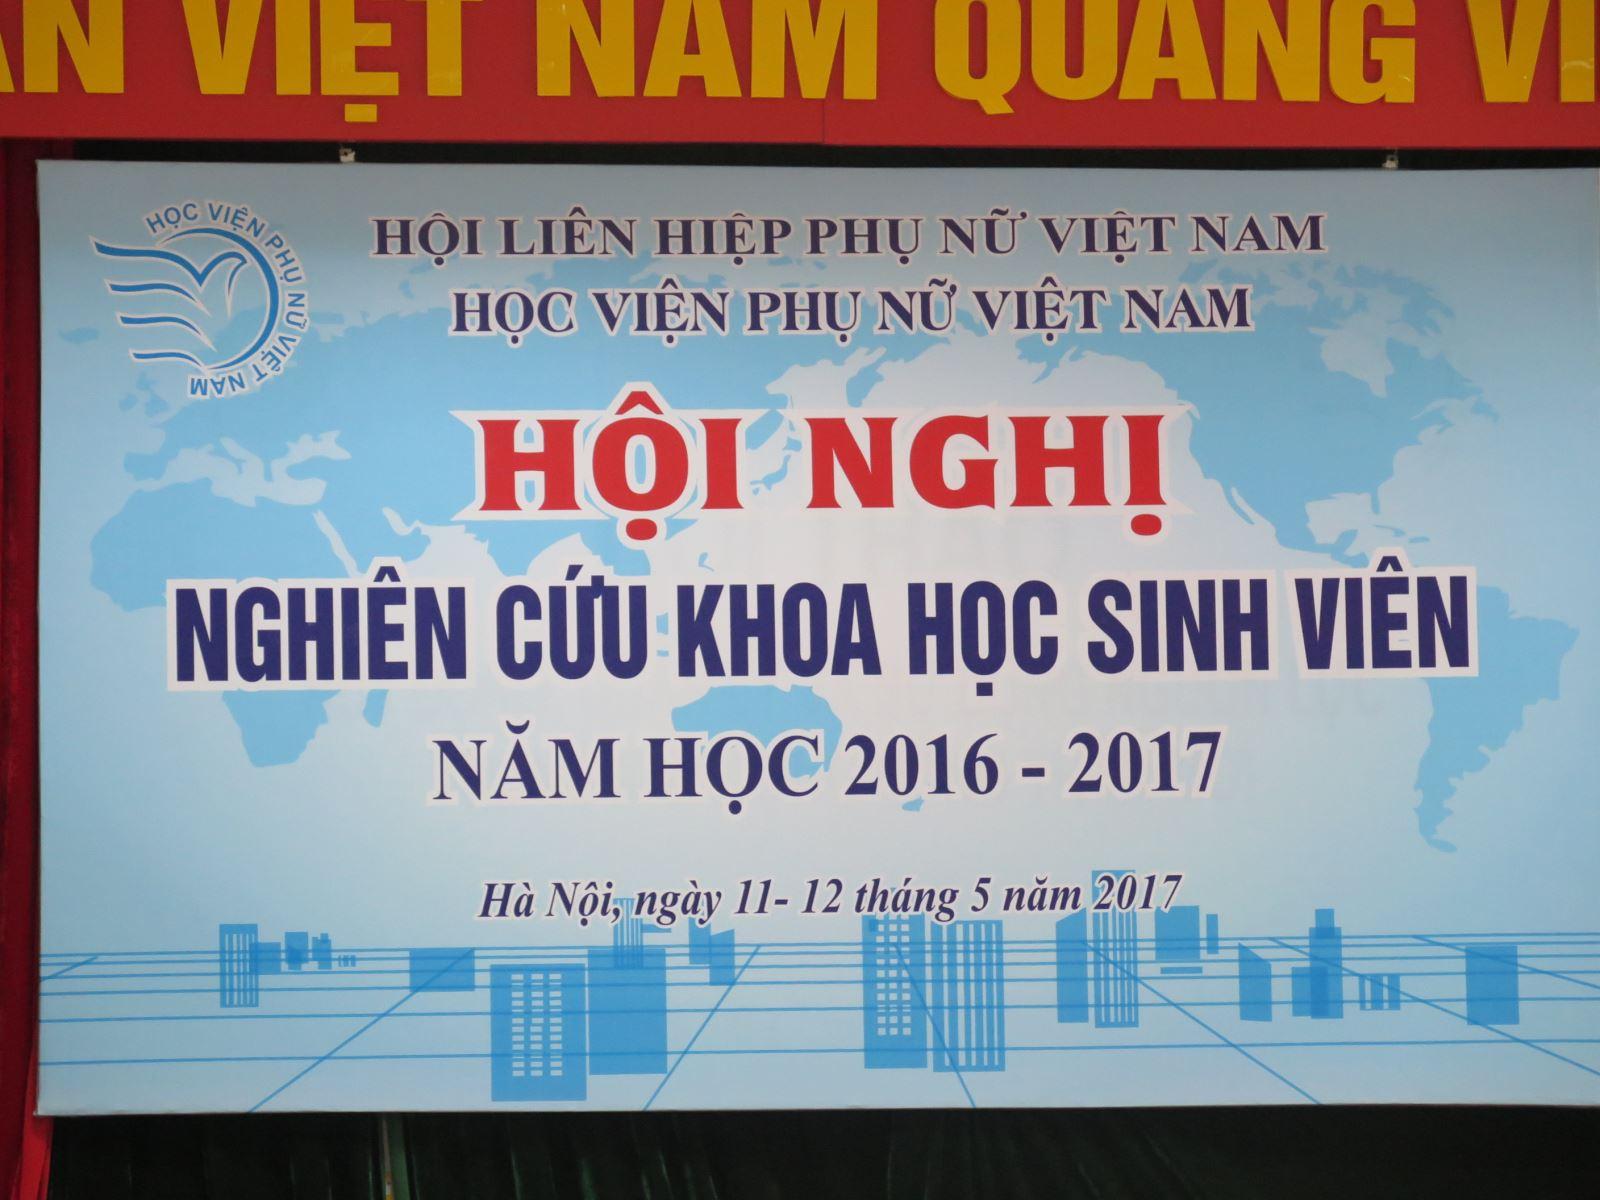 Công tác nghiên cứu khoa học sinh viên Học viện Phụ nữ Việt Nam năm học 2016-2017